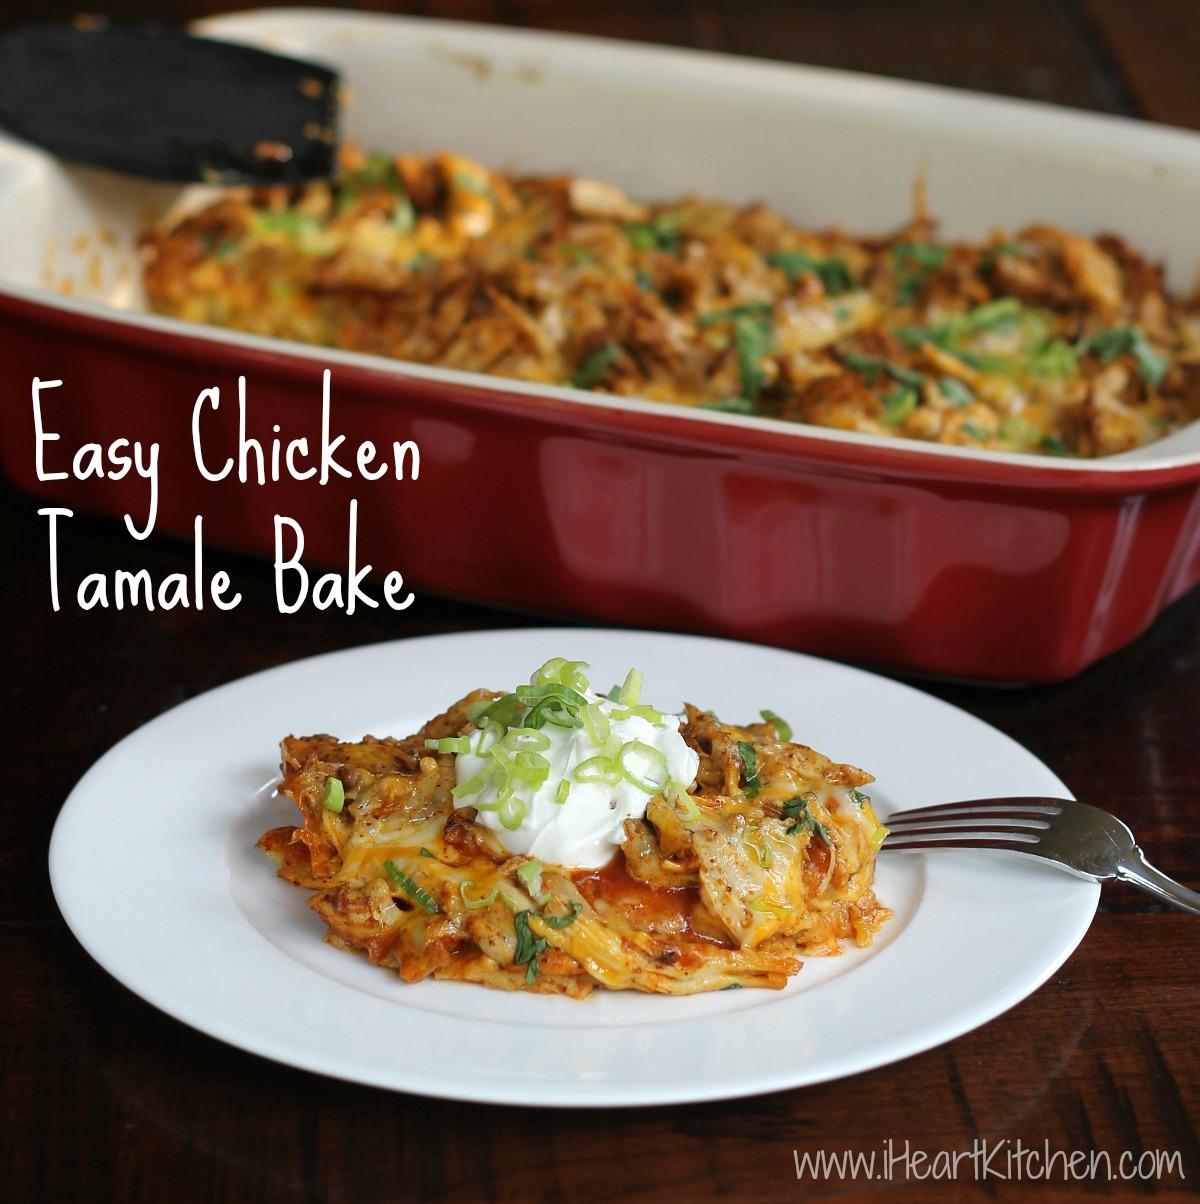 Easy Chicken Tamale Bake -